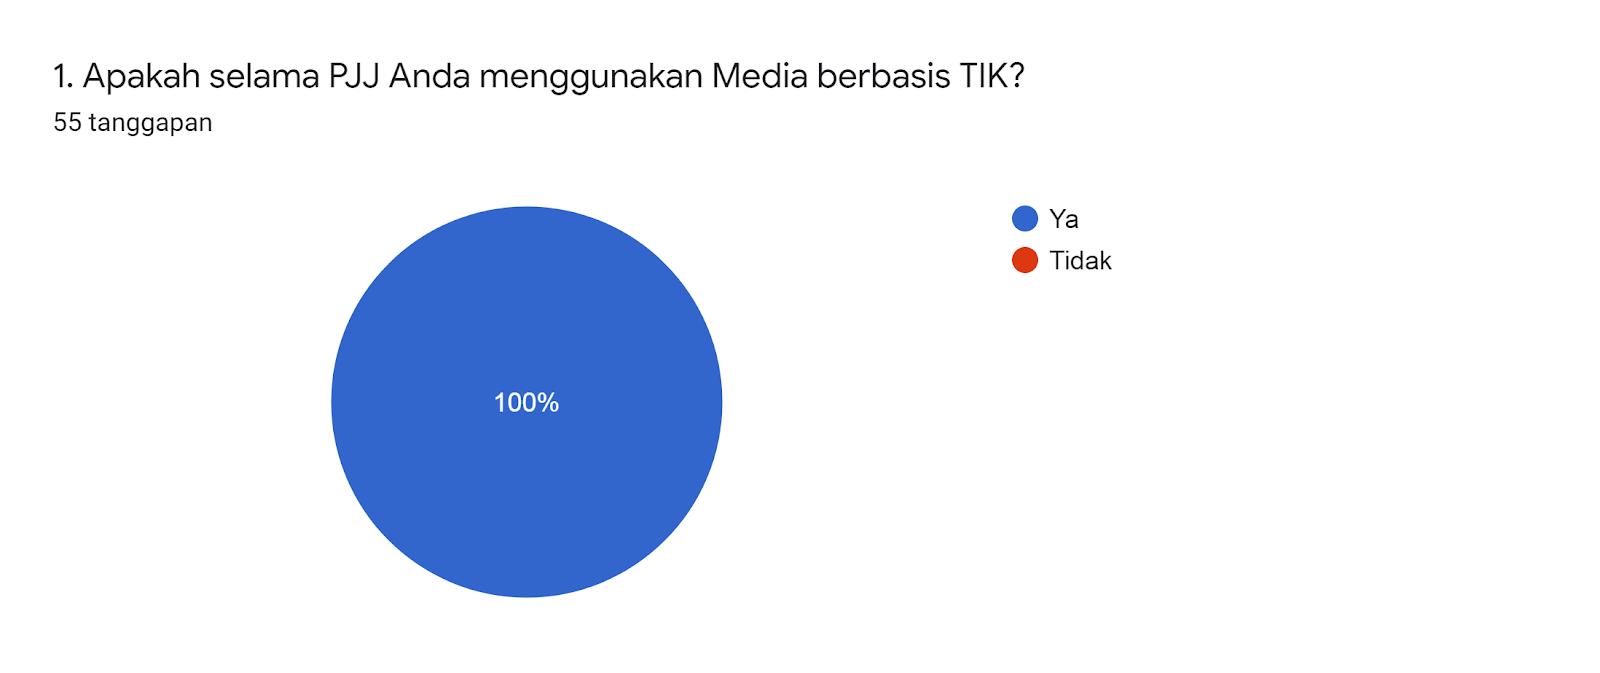 Diagram respons Formulir. Judul pertanyaan: 1. Apakah selama PJJ Anda menggunakan Media berbasis TIK?. Jumlah respons: 55 tanggapan.